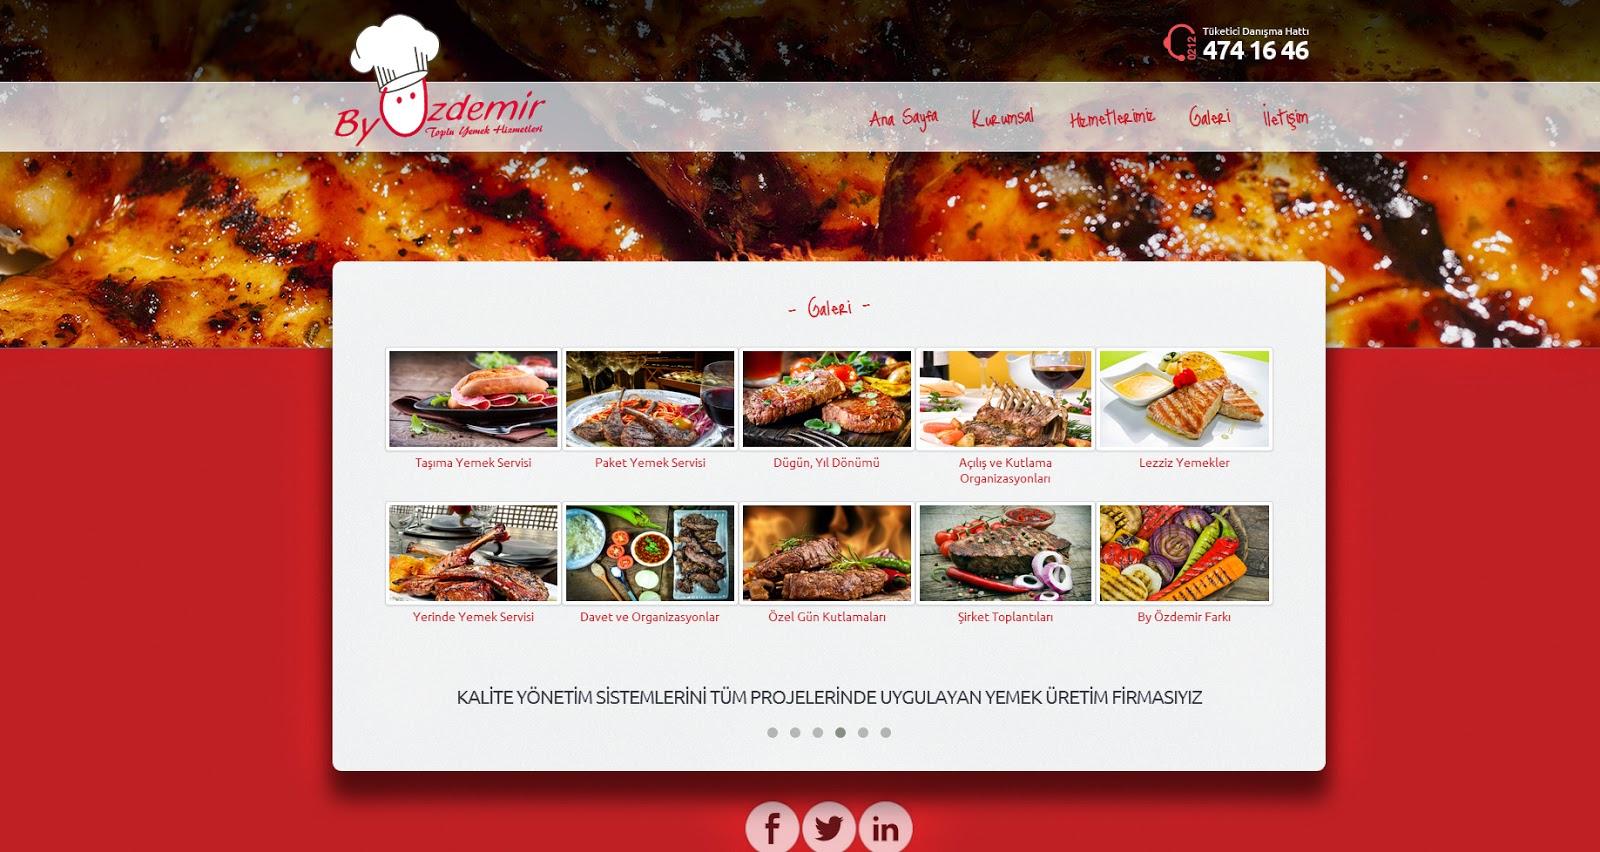 Toplu Yemek Hizmetleri Galeri Sayfası